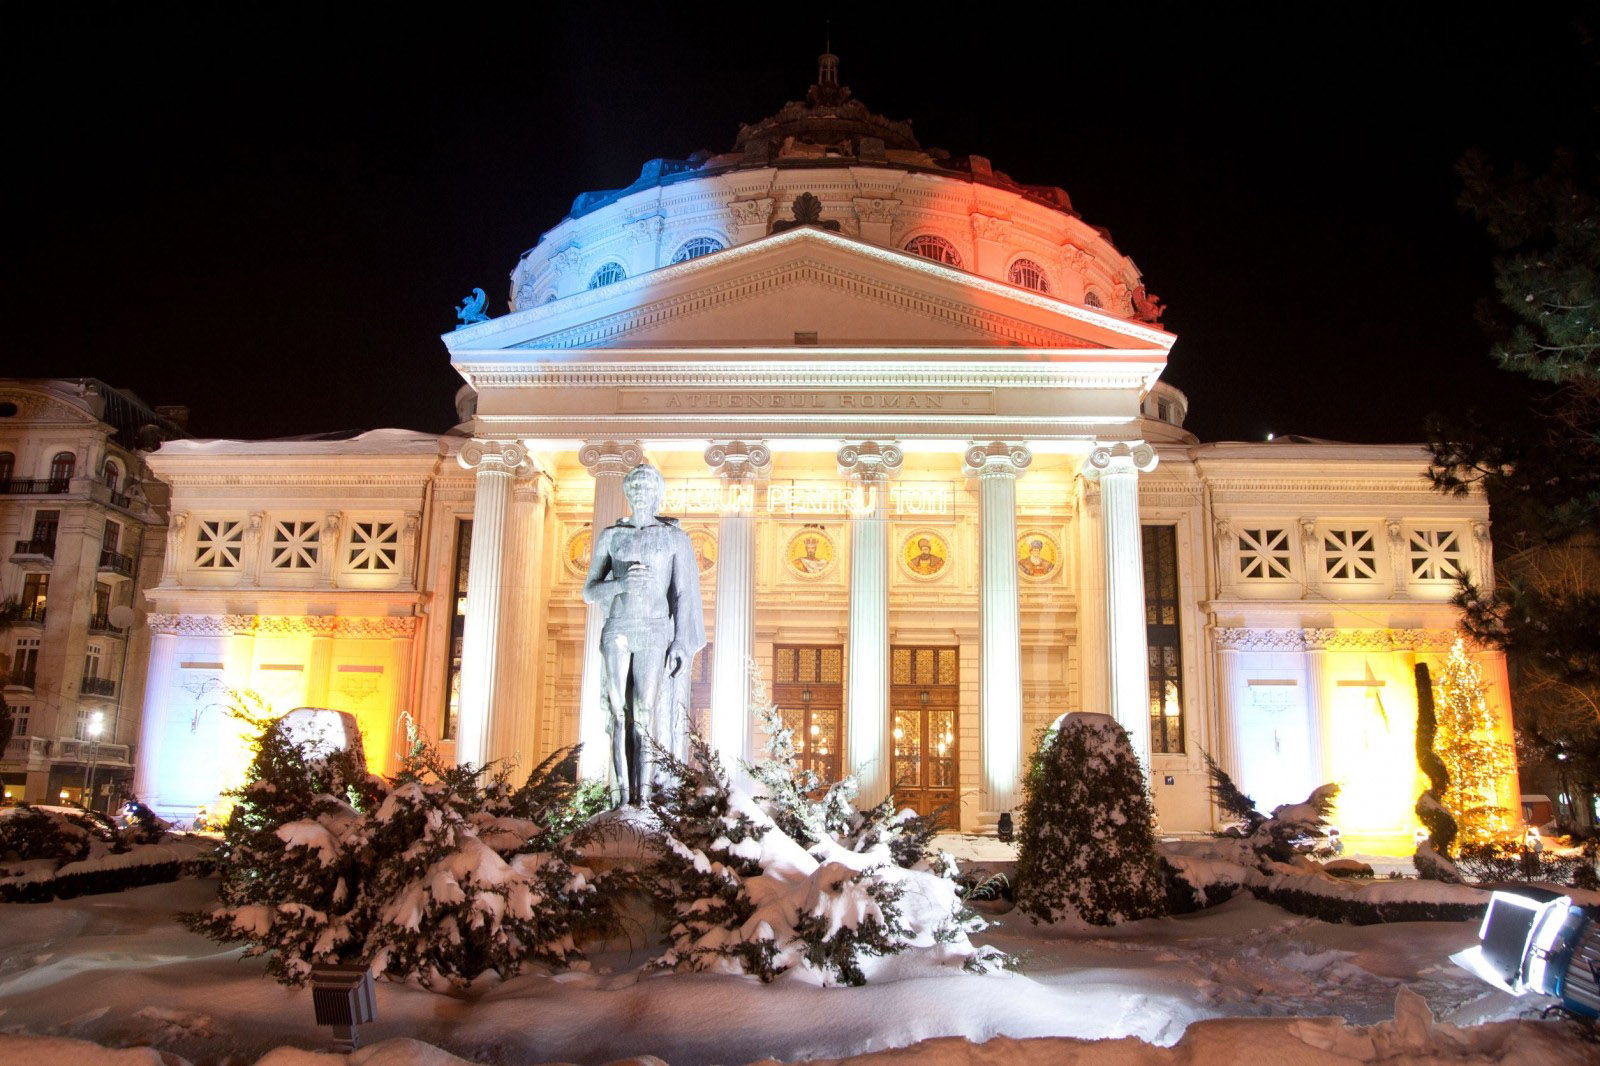 4ήμερη εκδρομή στη Ρουμανία: Βουκουρέστι – Καρπάθια